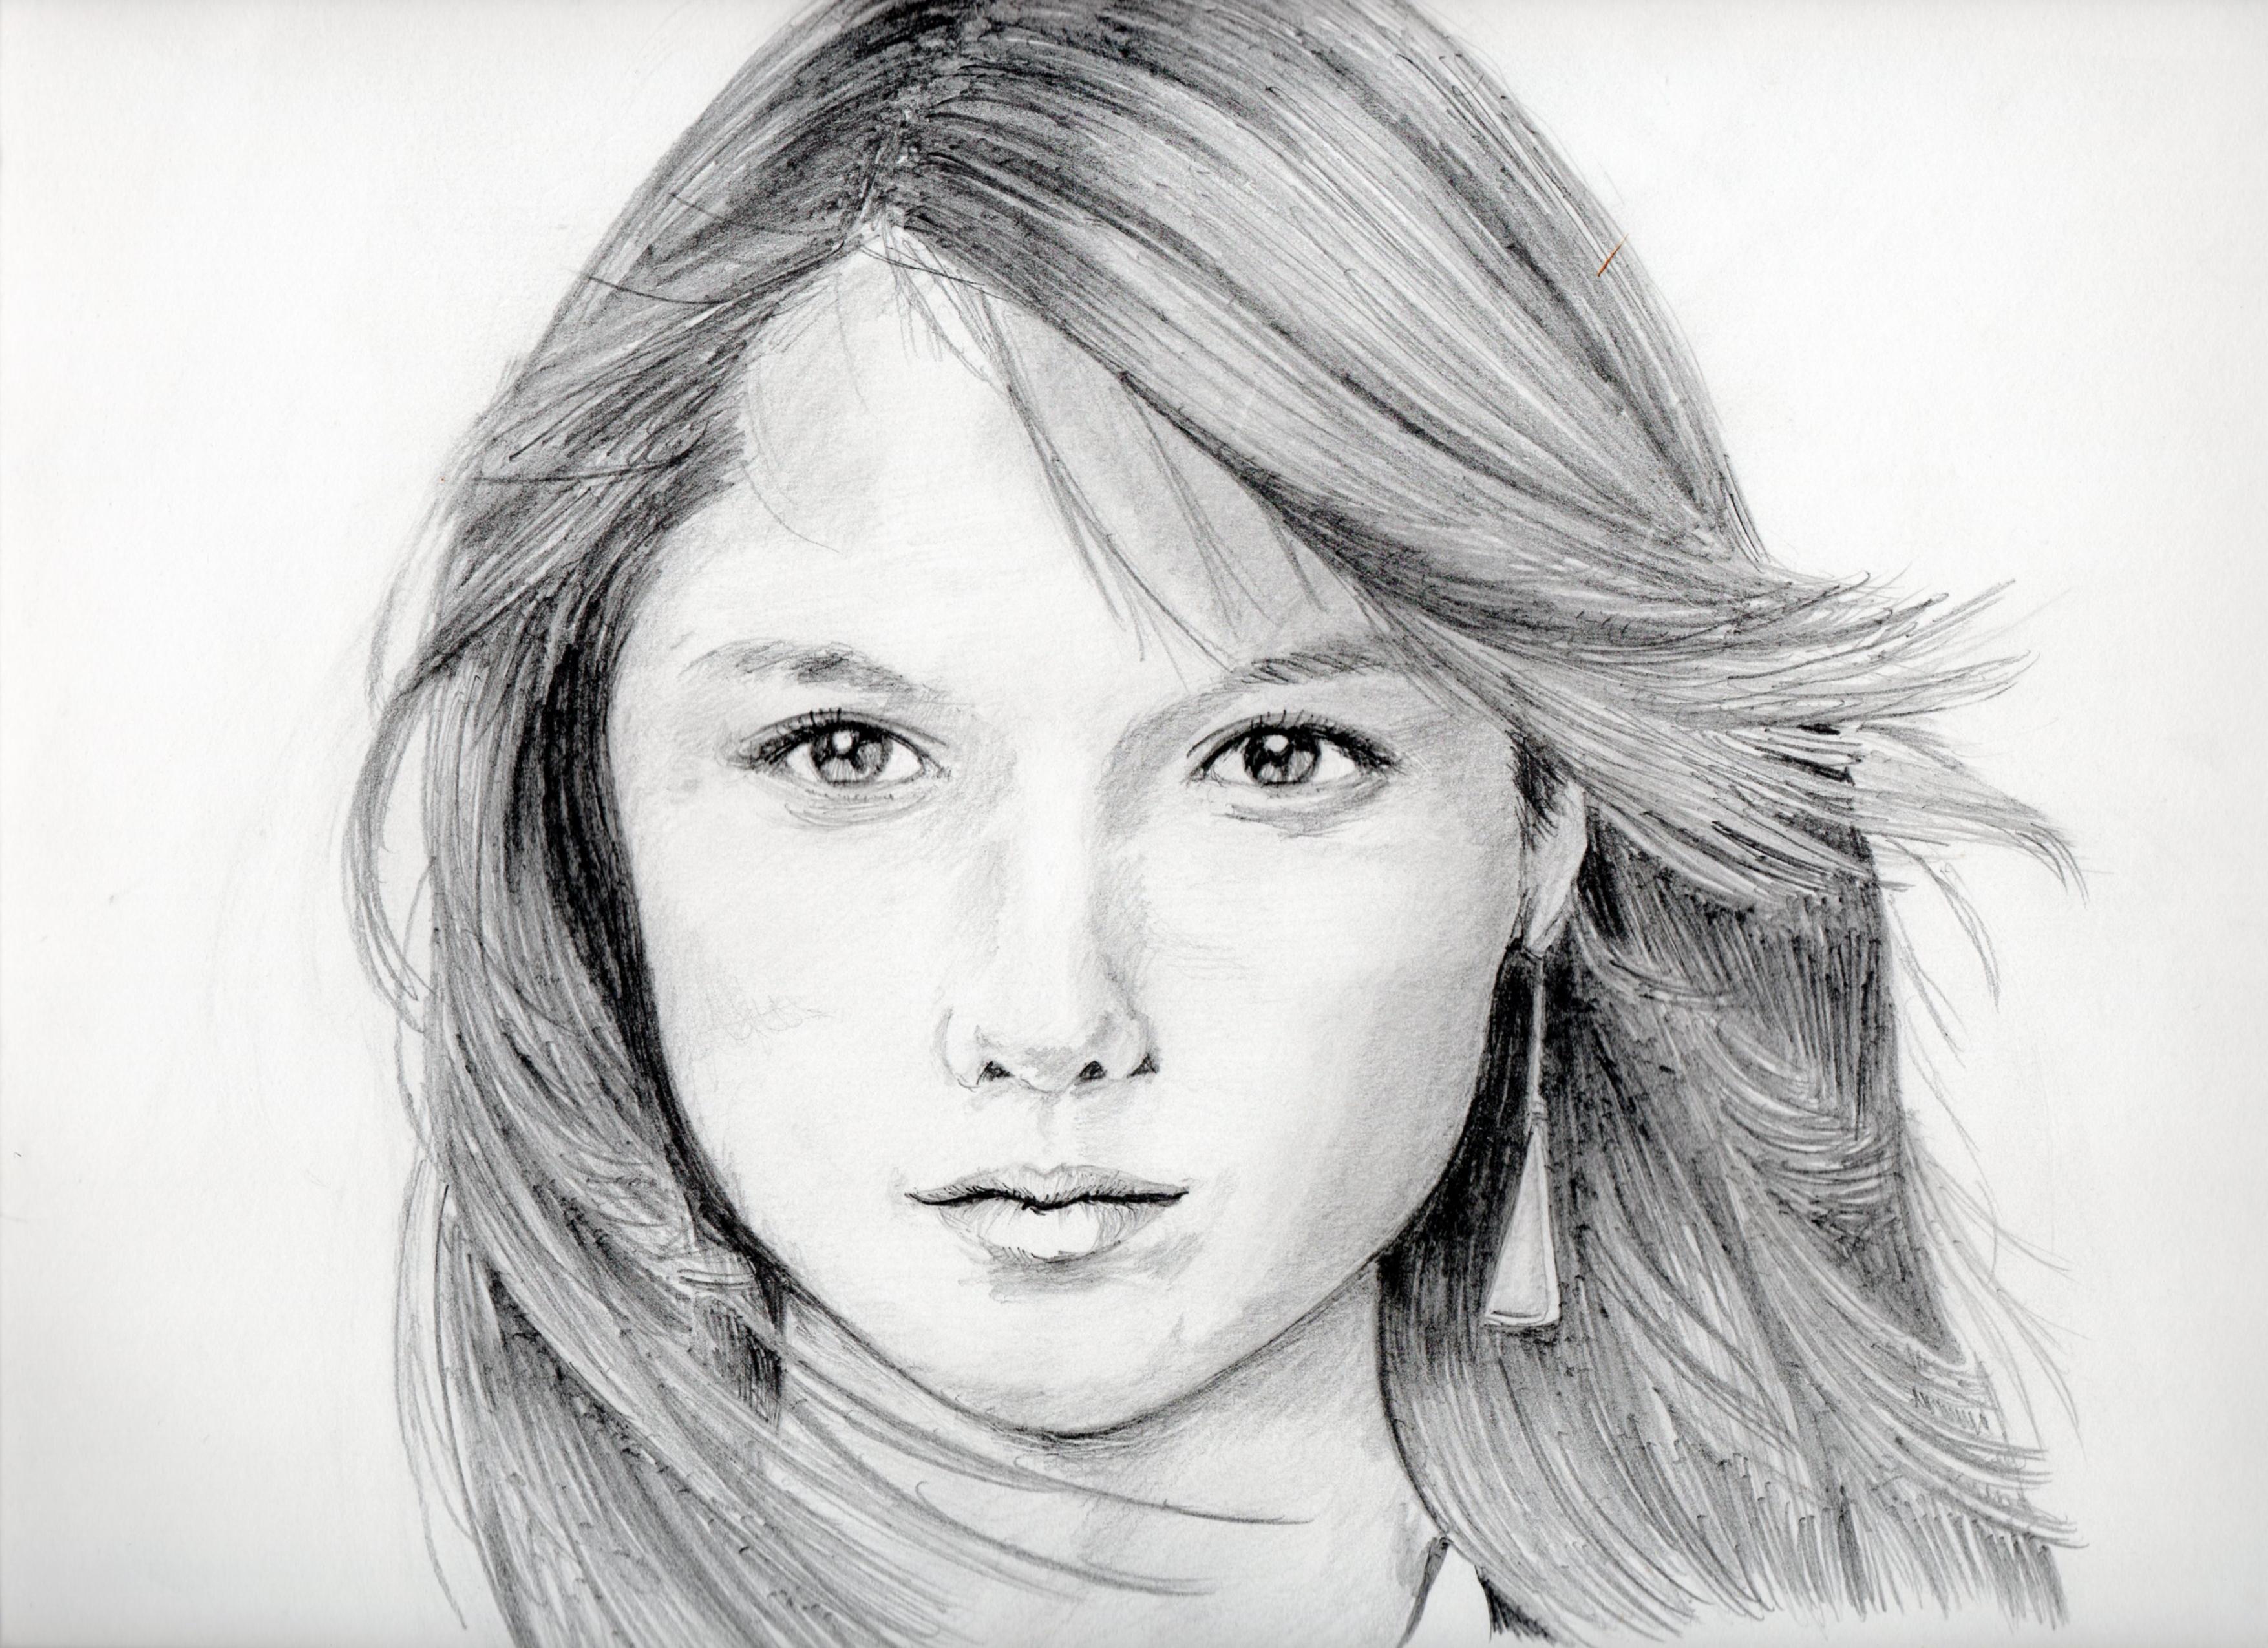 宮崎あおいの鉛筆画似顔絵、宮崎あおいのリアル似顔絵